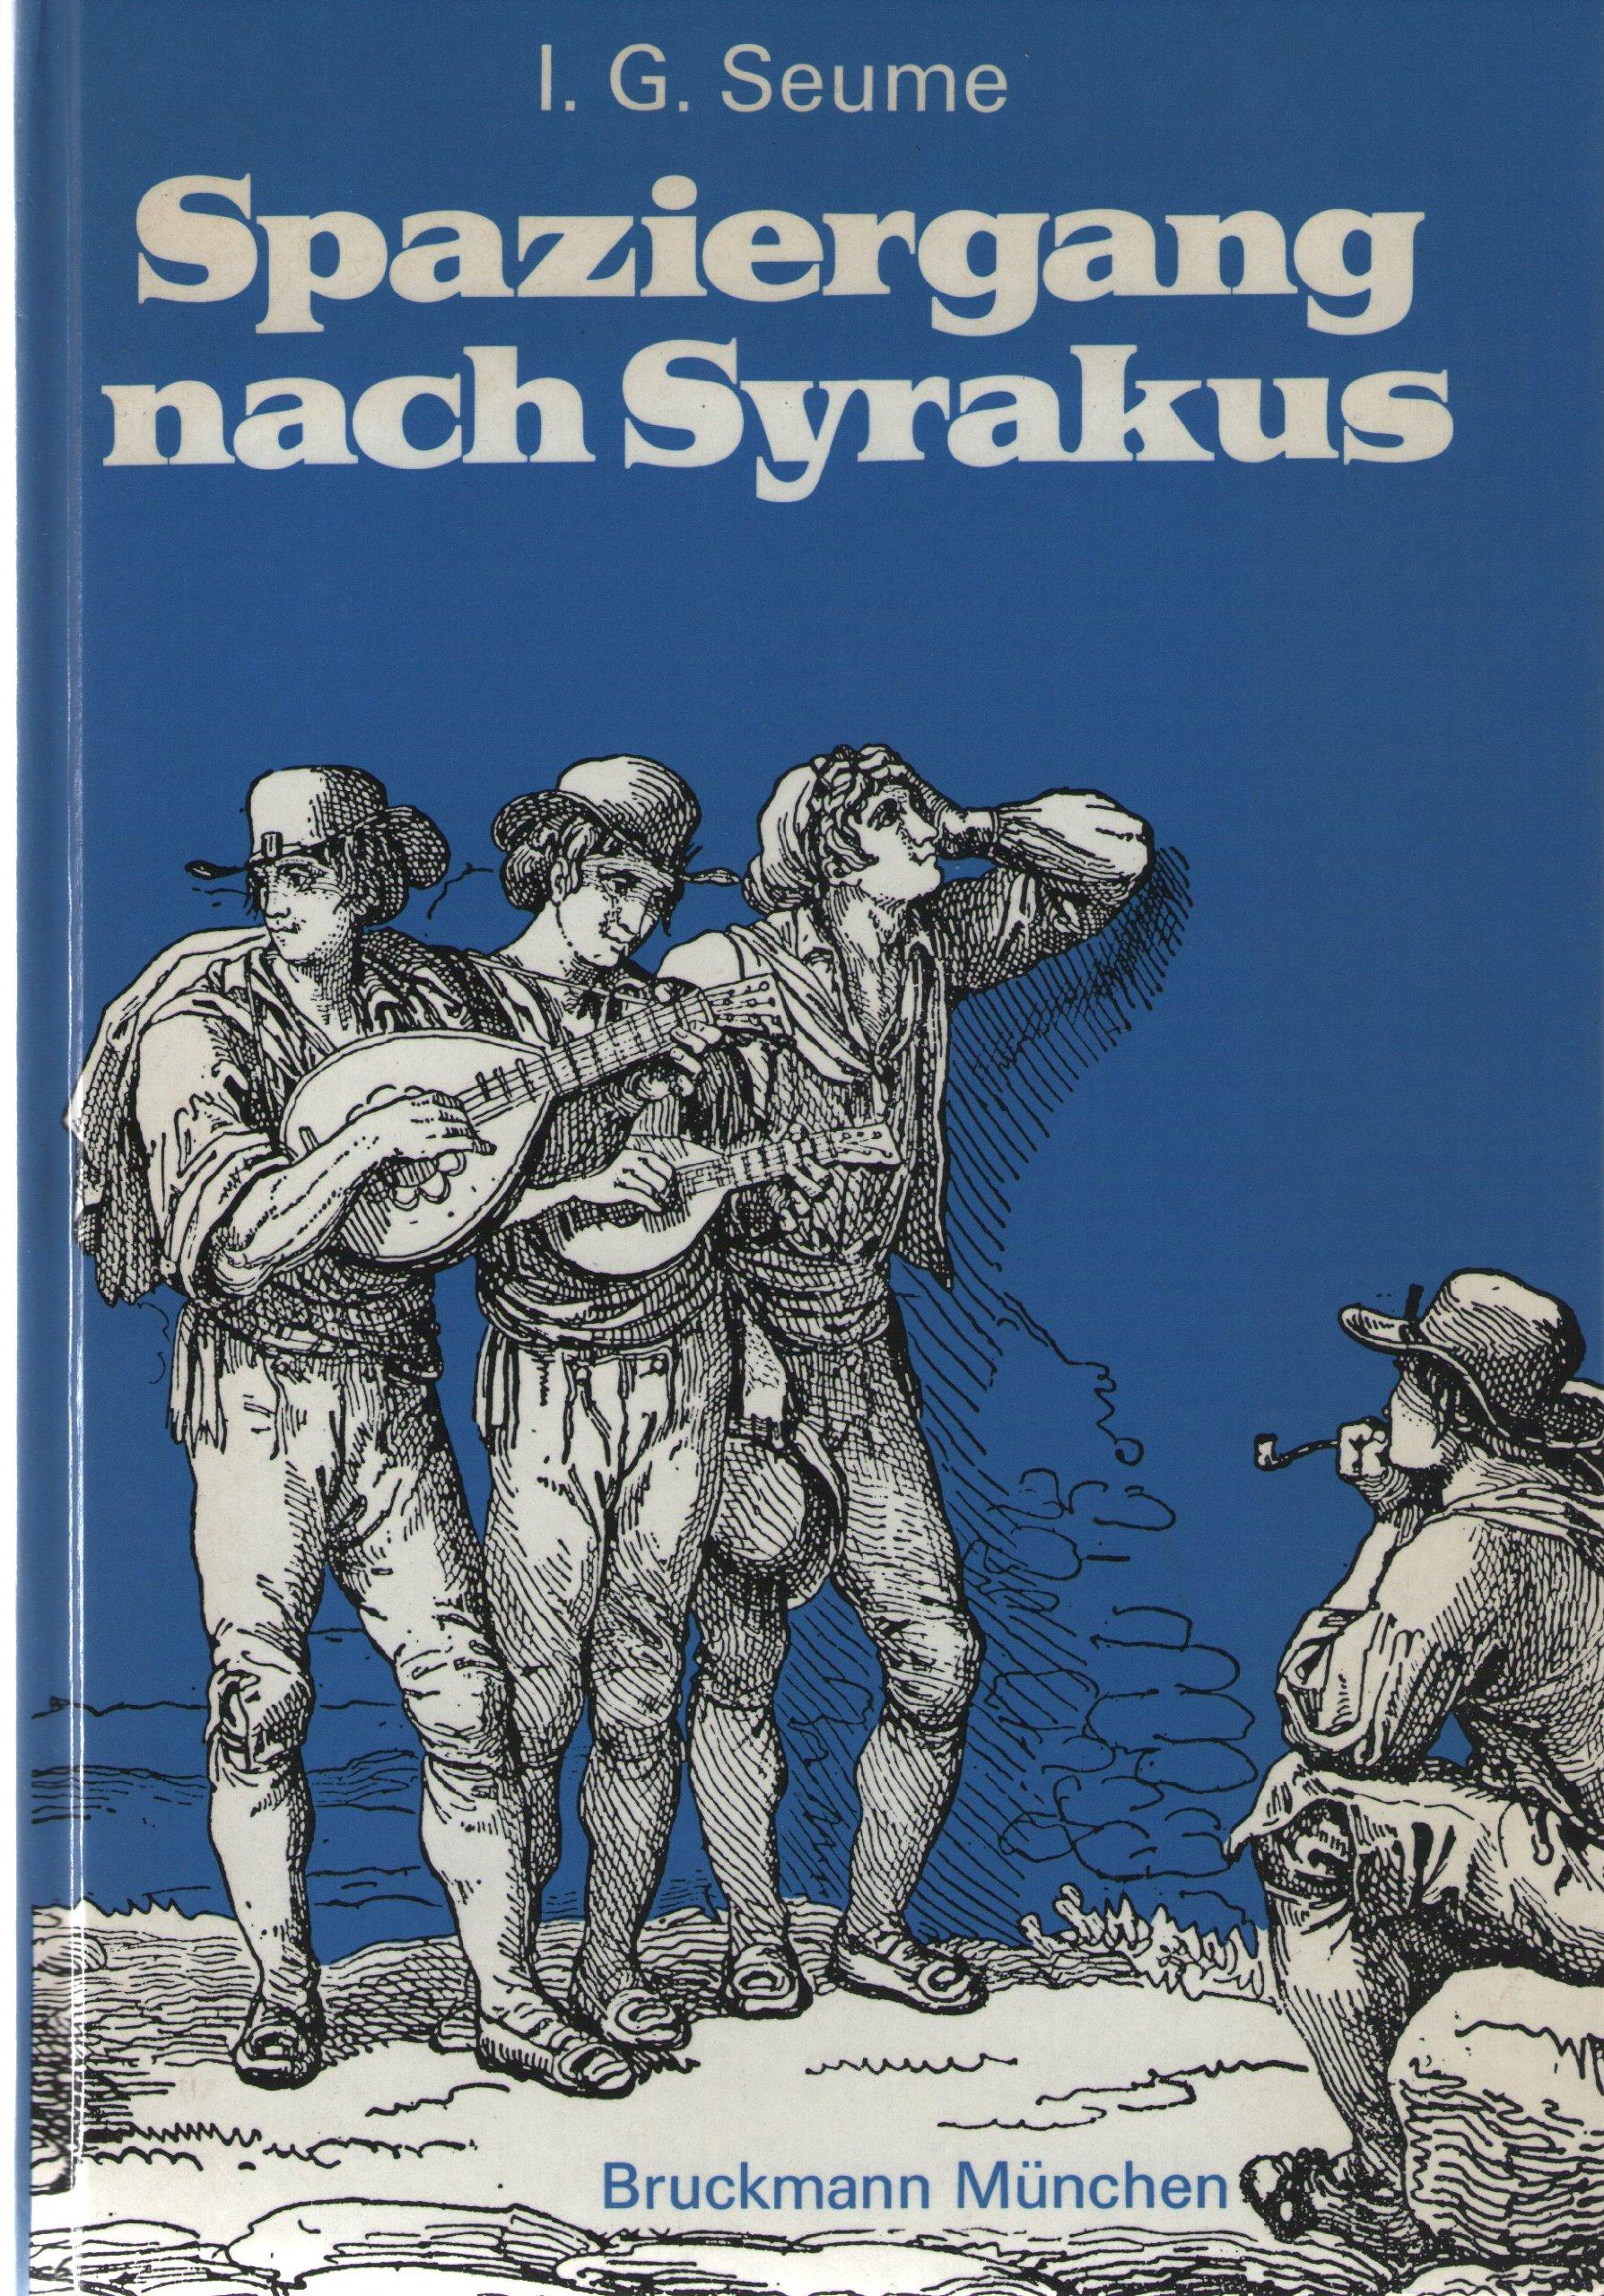 Spaziergang nach Syrakus